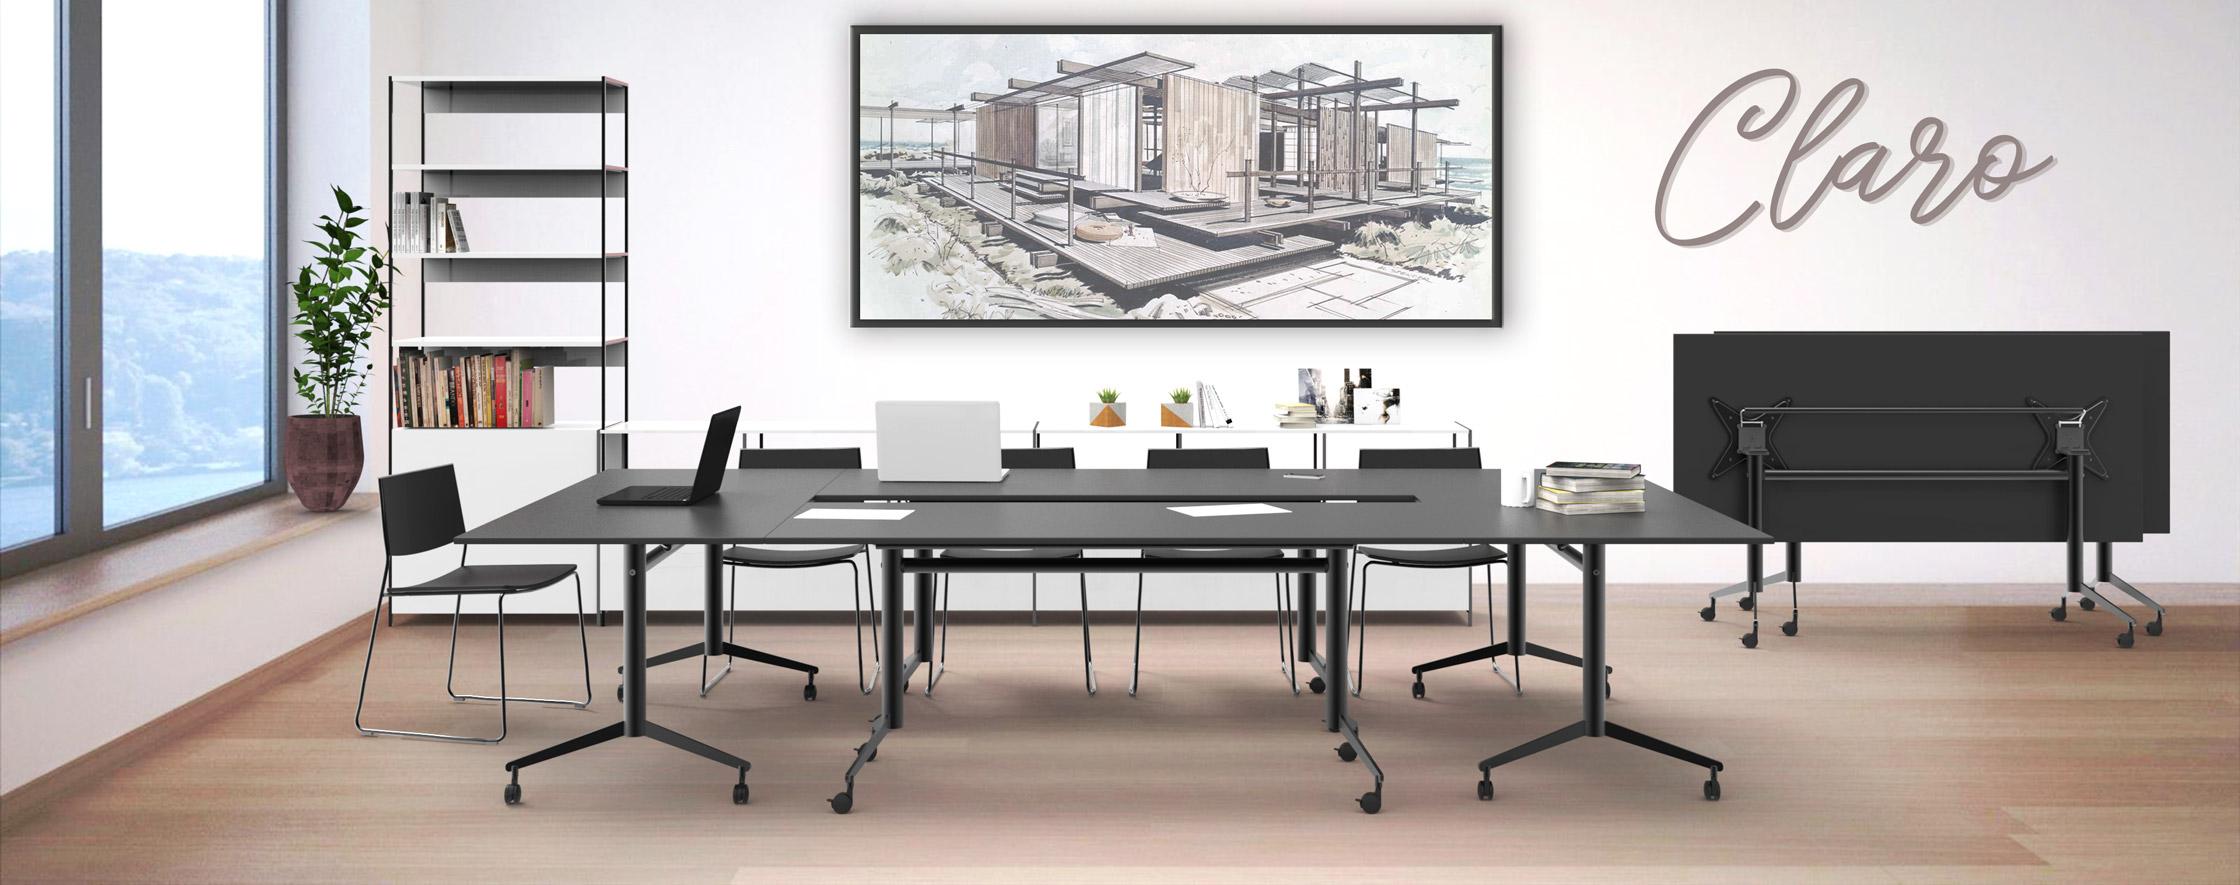 Een stijlvolle klaptafel voor iedere multifunctionele ruimte